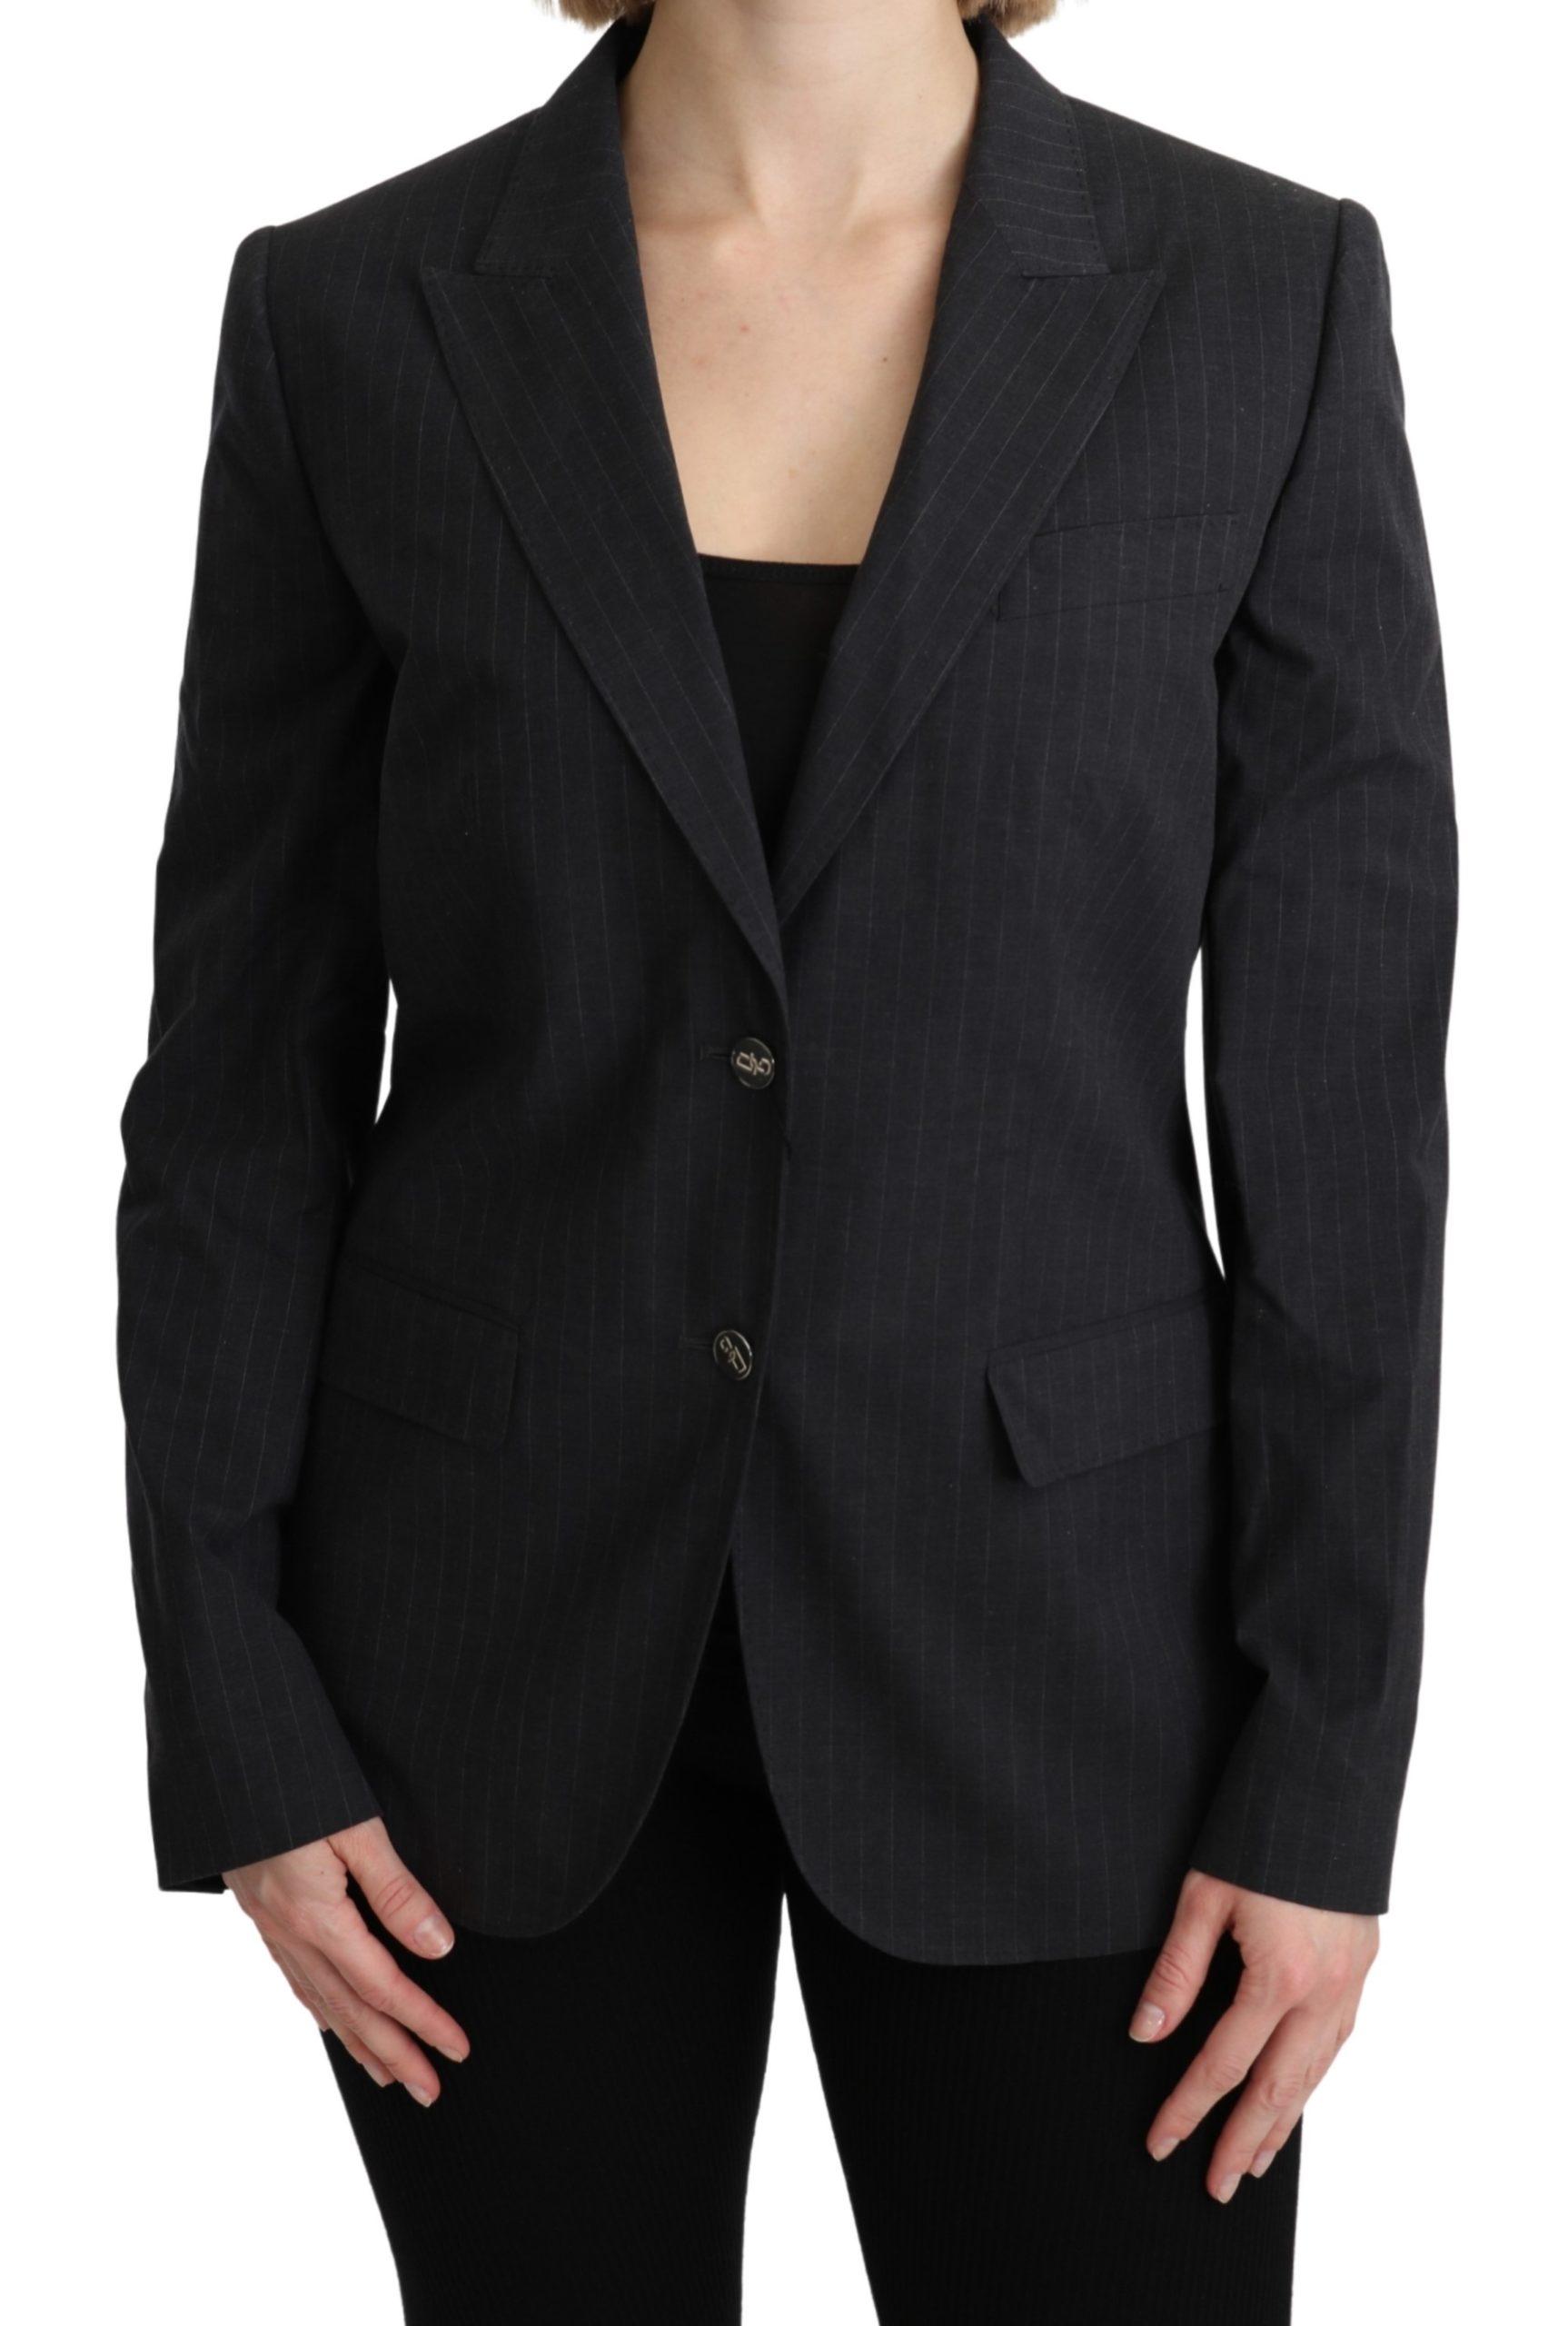 Dolce & Gabbana Women's Single Breasted Blazer Jacket Gray KOS1795 - IT44 L